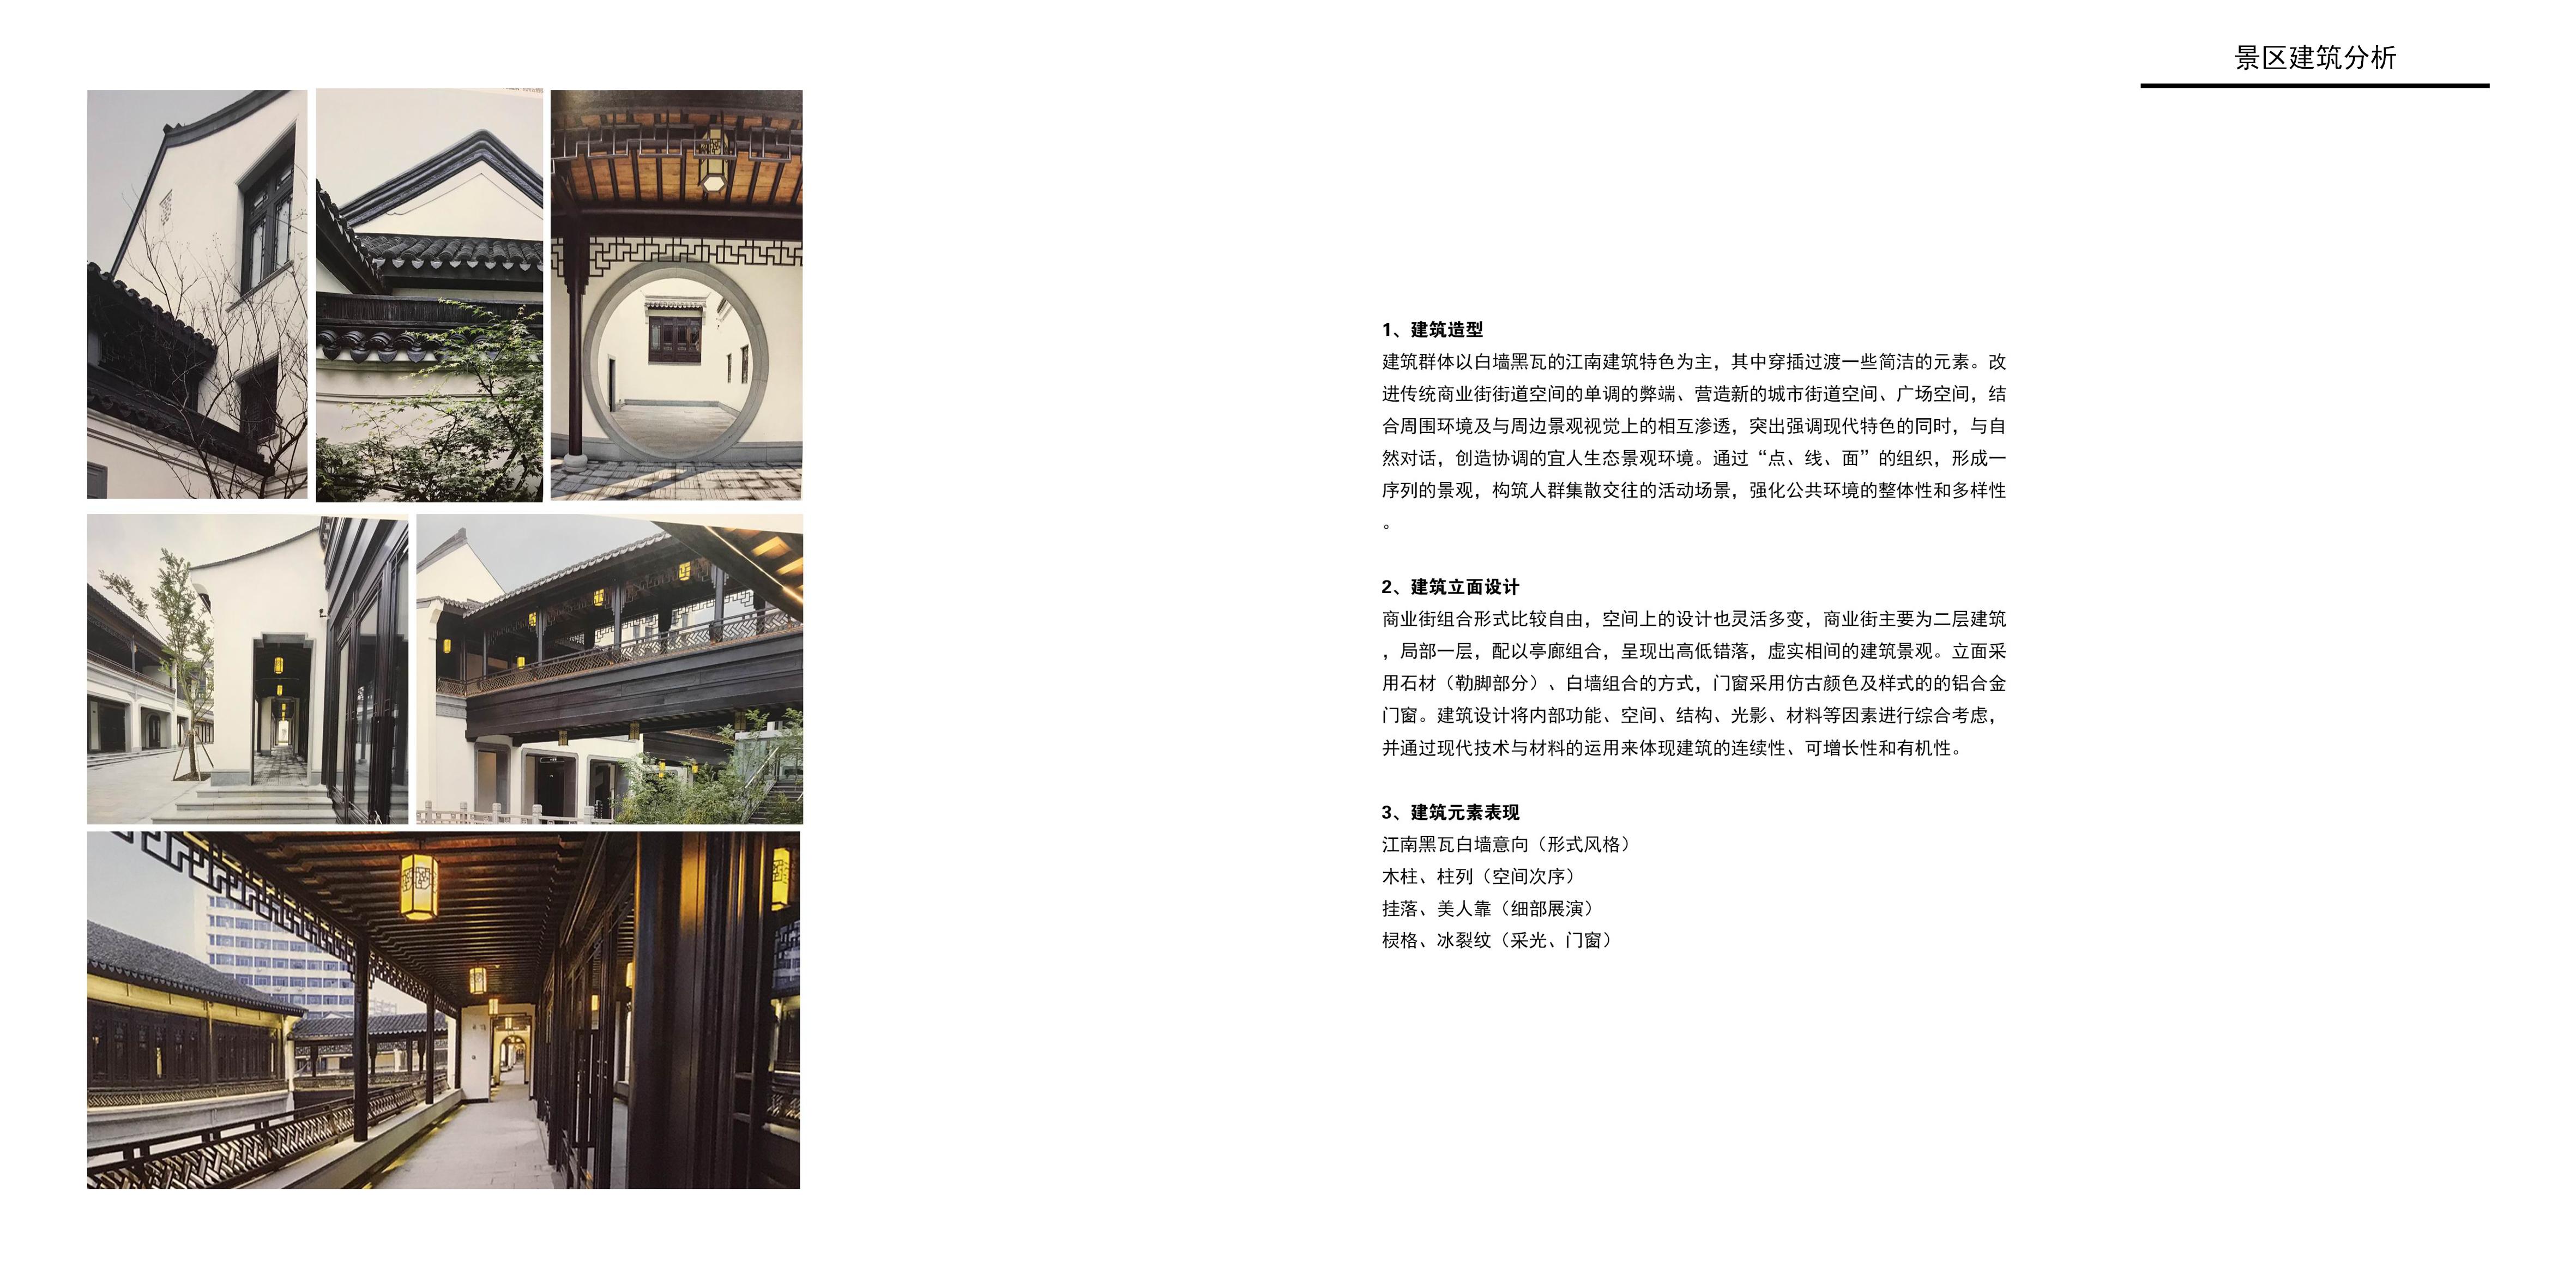 千丈幽谷景观提升设计_页面_19